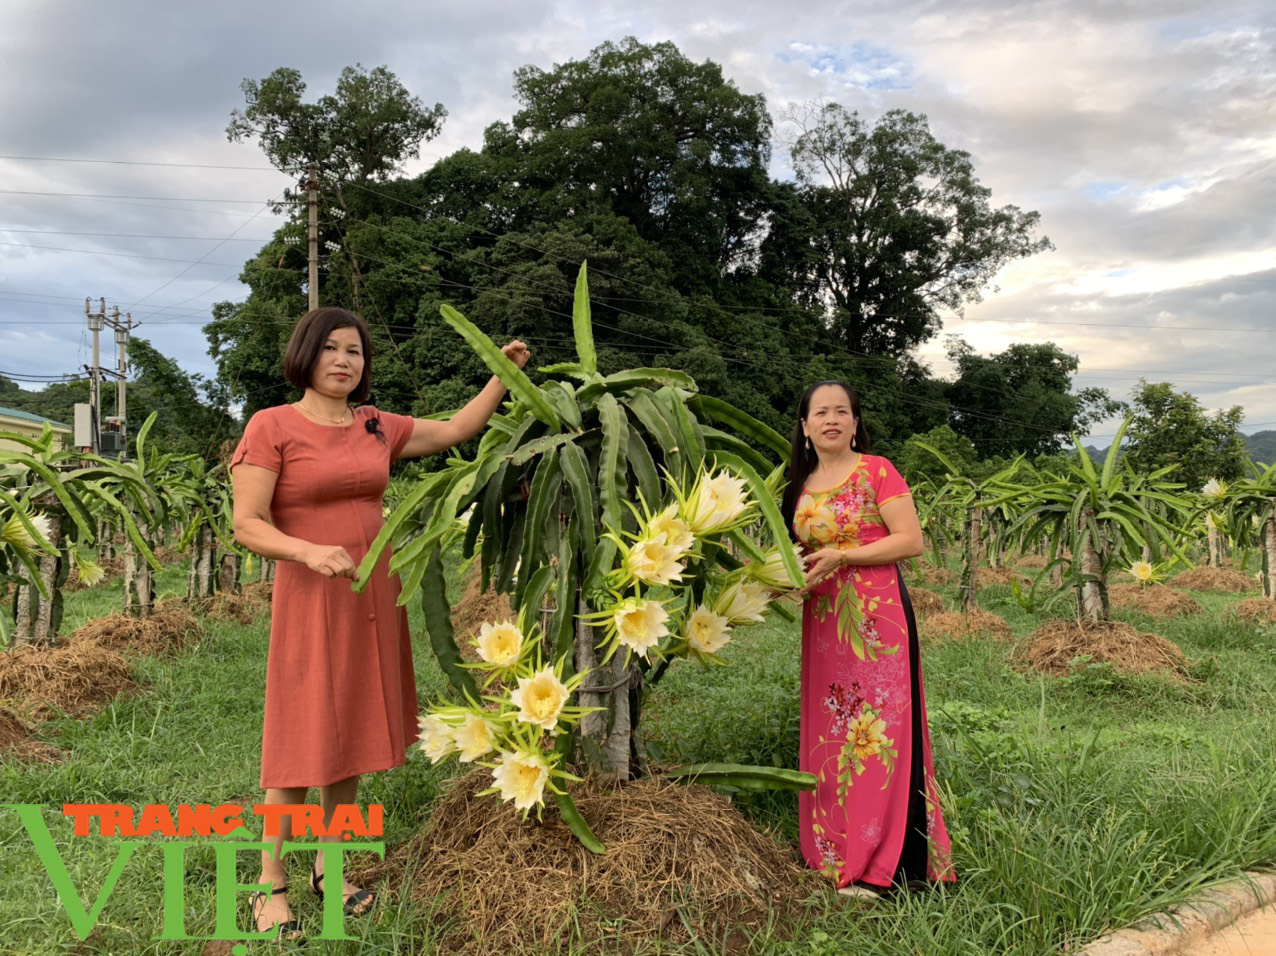 Nông dân Sơn La: Trồng cây cho trái vàng tươi, thu về vàng thật - Ảnh 1.